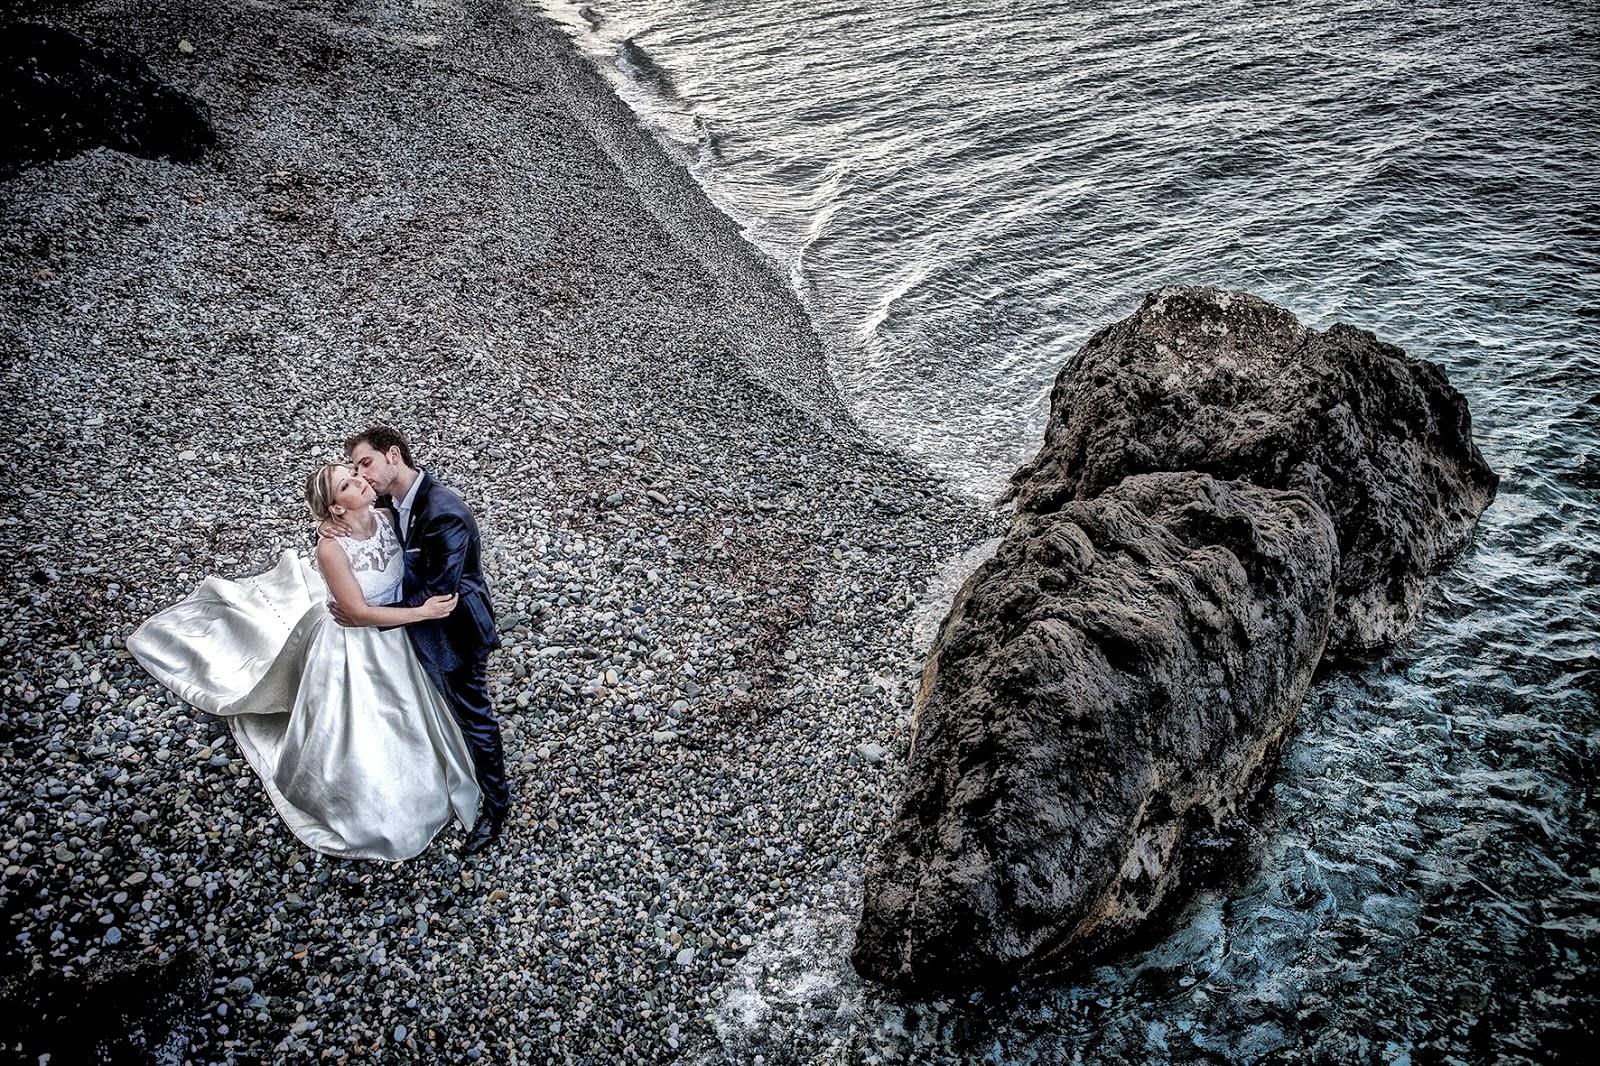 Γαμος, Βολος, Λαρισα, Τρικαλα, Καρδιτσα,Σκιαθος,Πλαταμωνας,Θεσσαλονικη